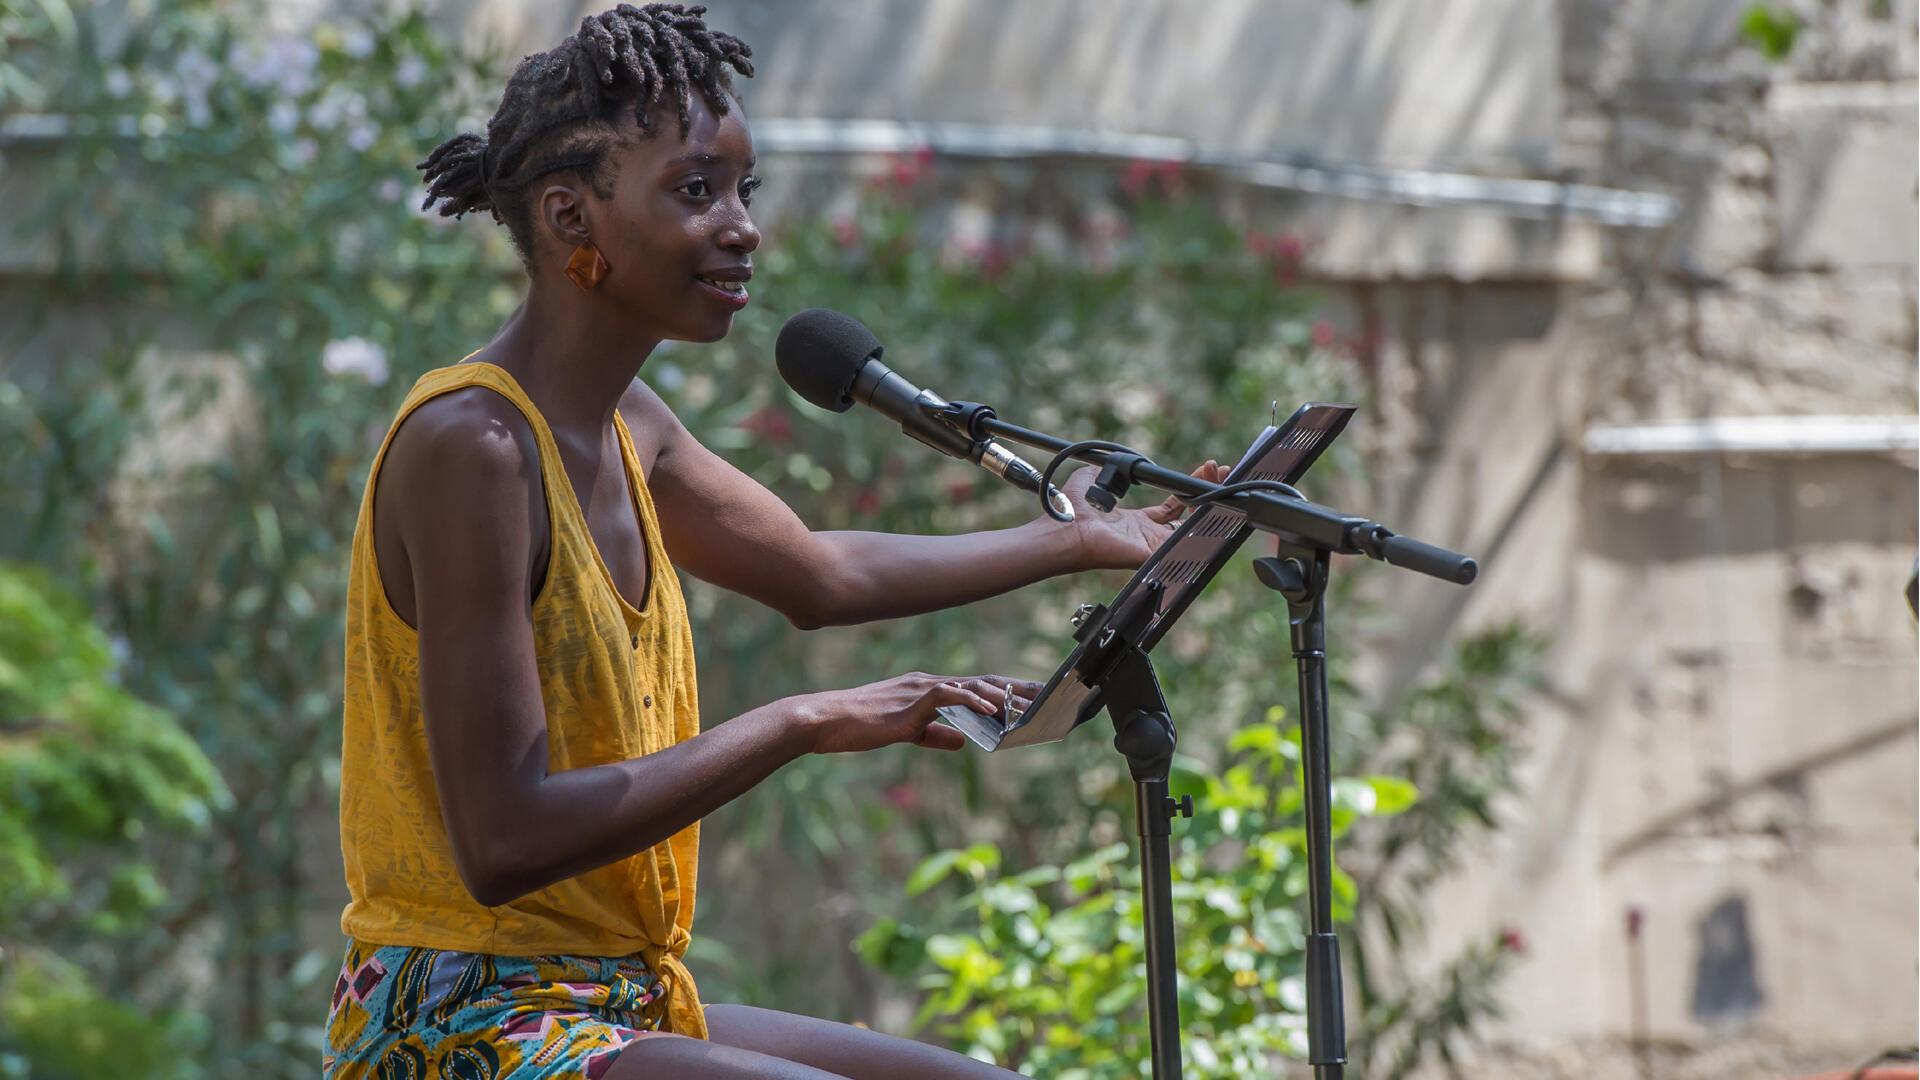 Swala Emati. DANSE AVEC LE DIABLE de Souleymane Bah.  Ça va, ça va le monde! Festival d'Avignon 2019.